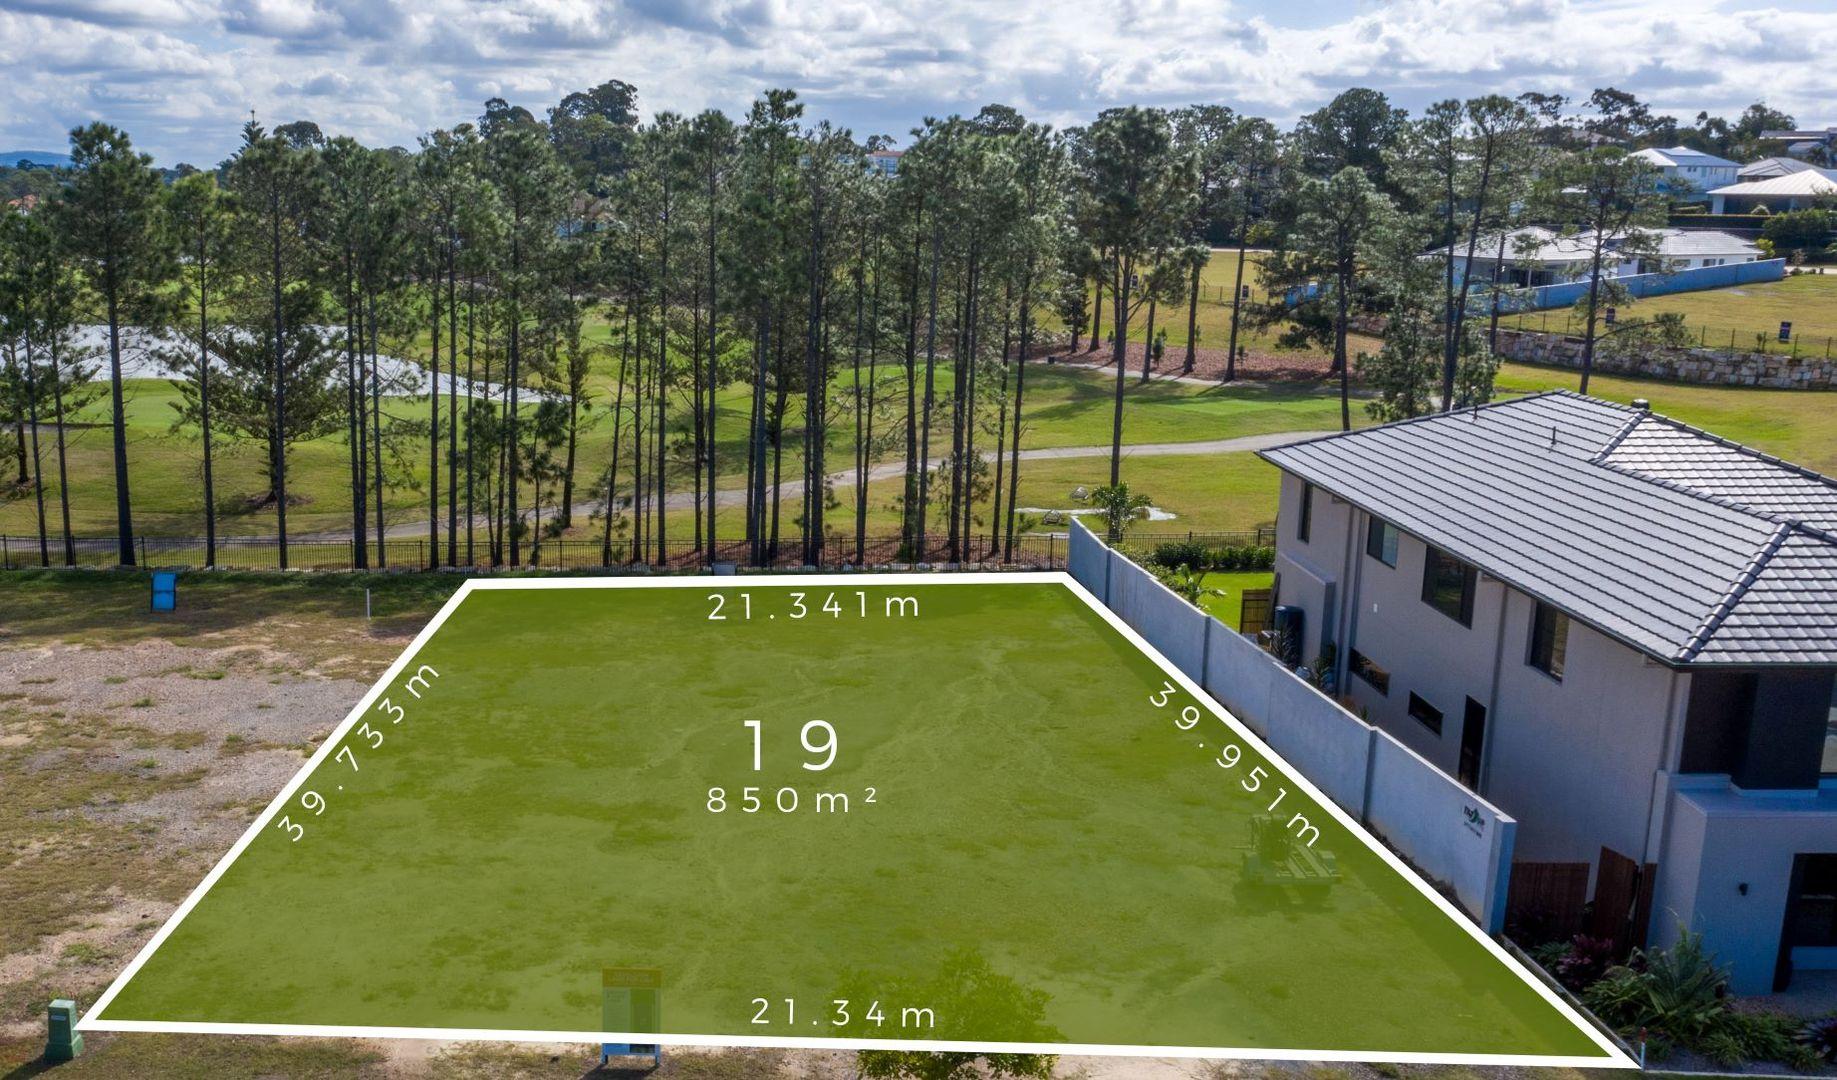 Lot 19/1819 Pinehurst Drive, Sanctuary Cove QLD 4212, Image 0